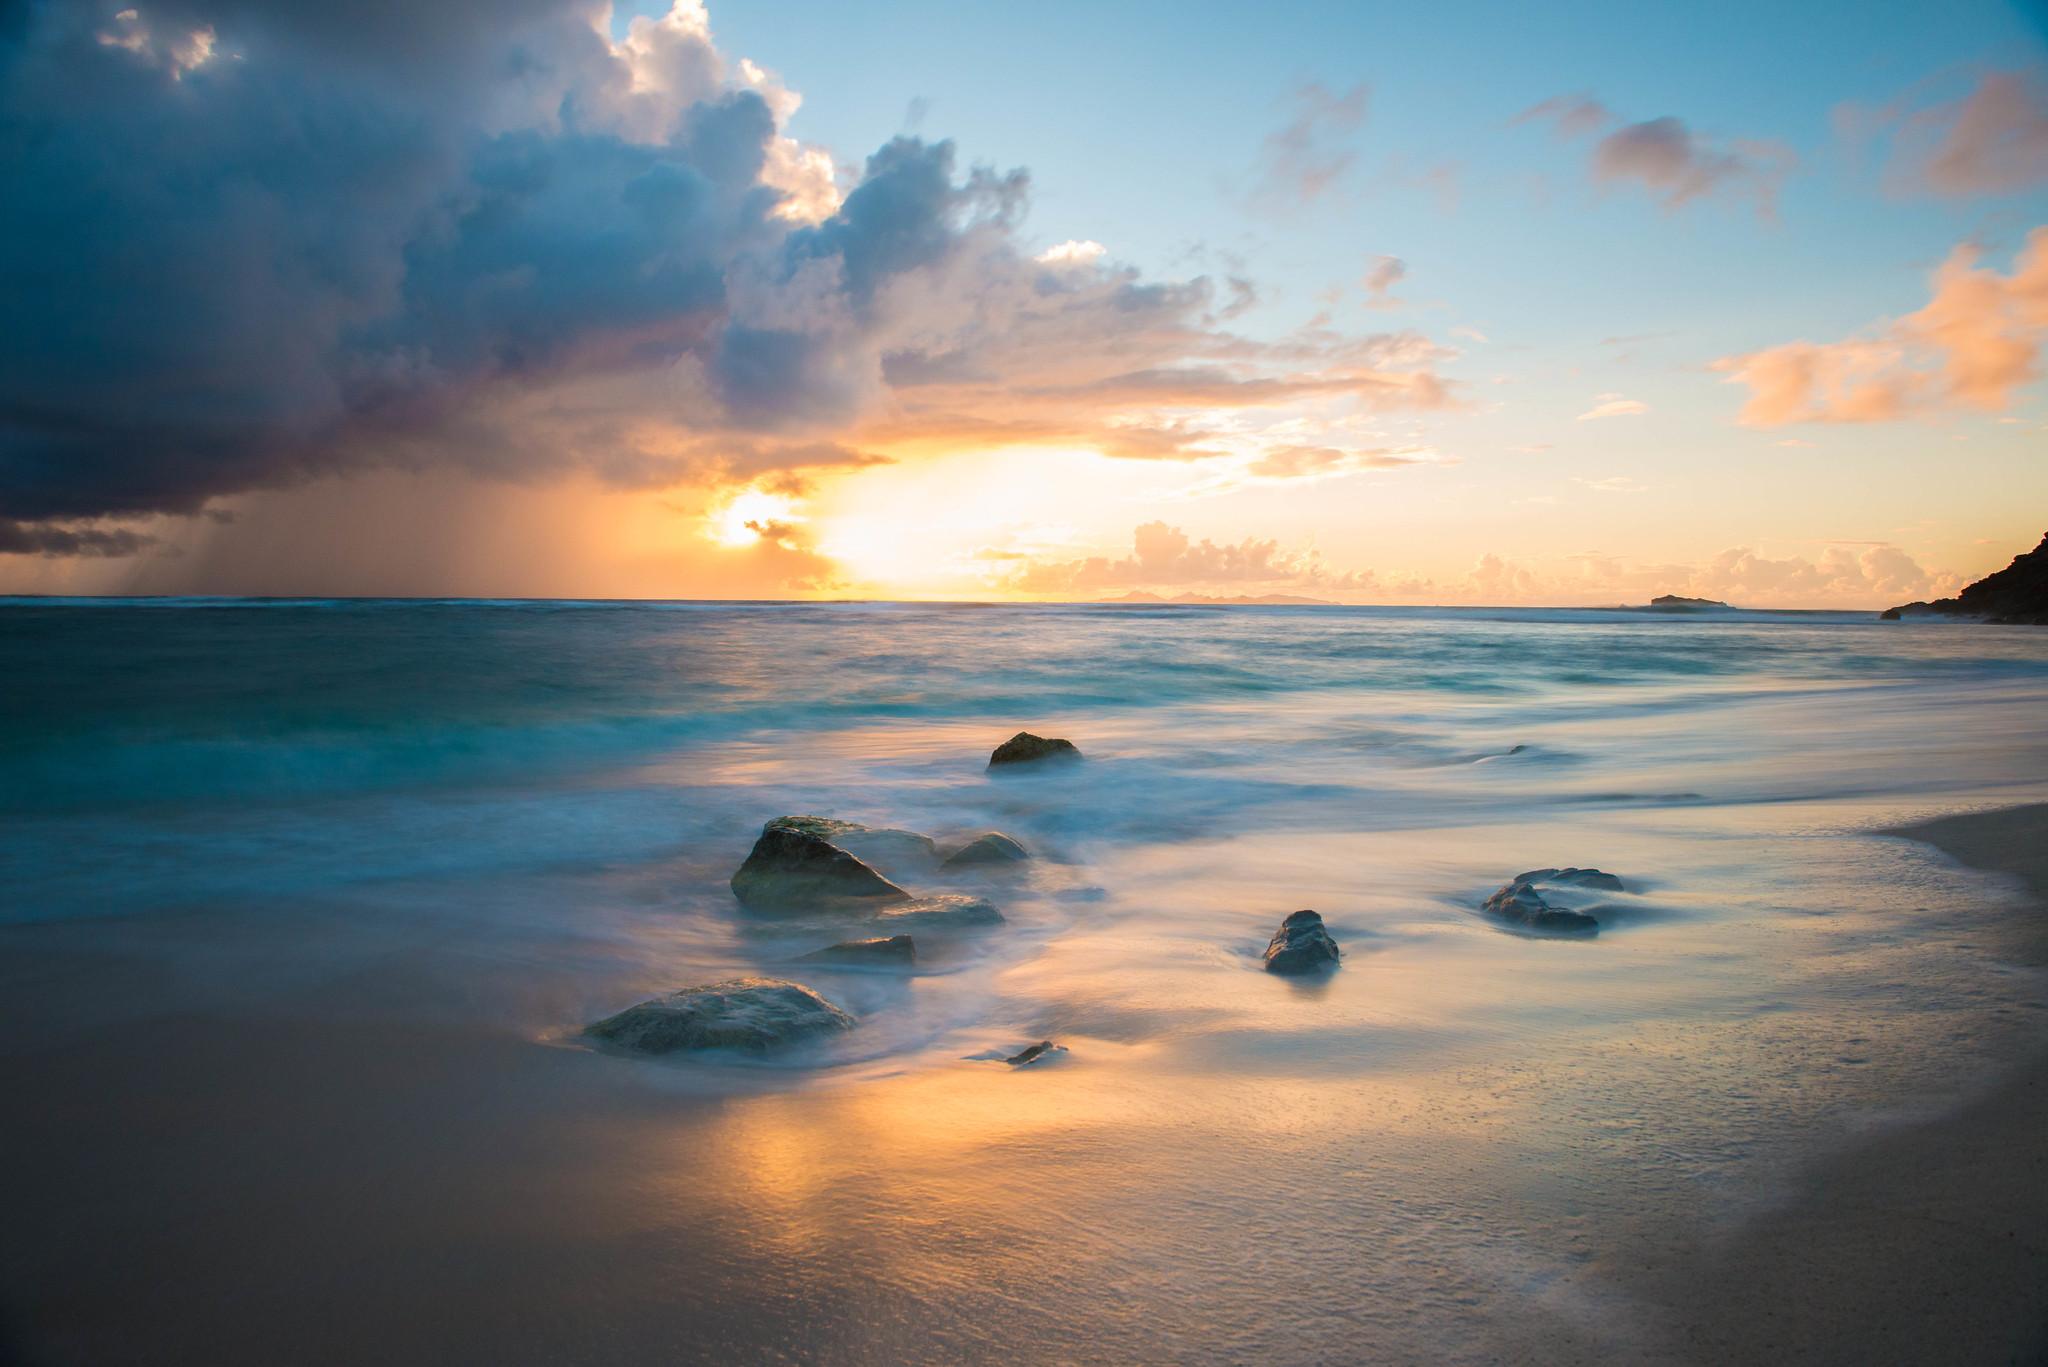 Dawn Beach St. Maarten